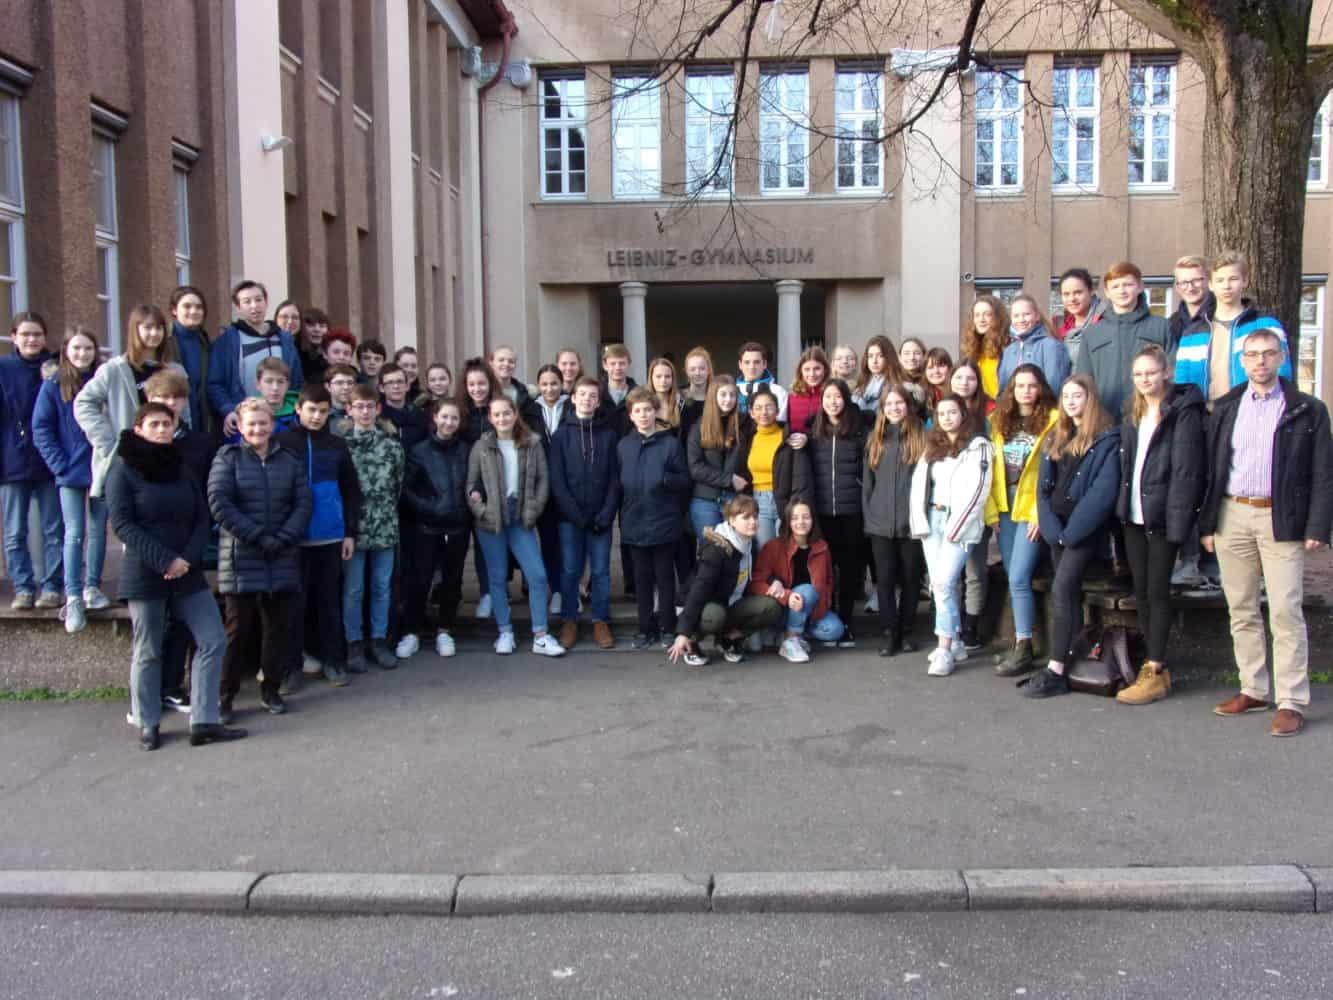 Drei schöne Tage bei den Austauschpartnern des Leibniz-Gymnasiums im Stuttgart